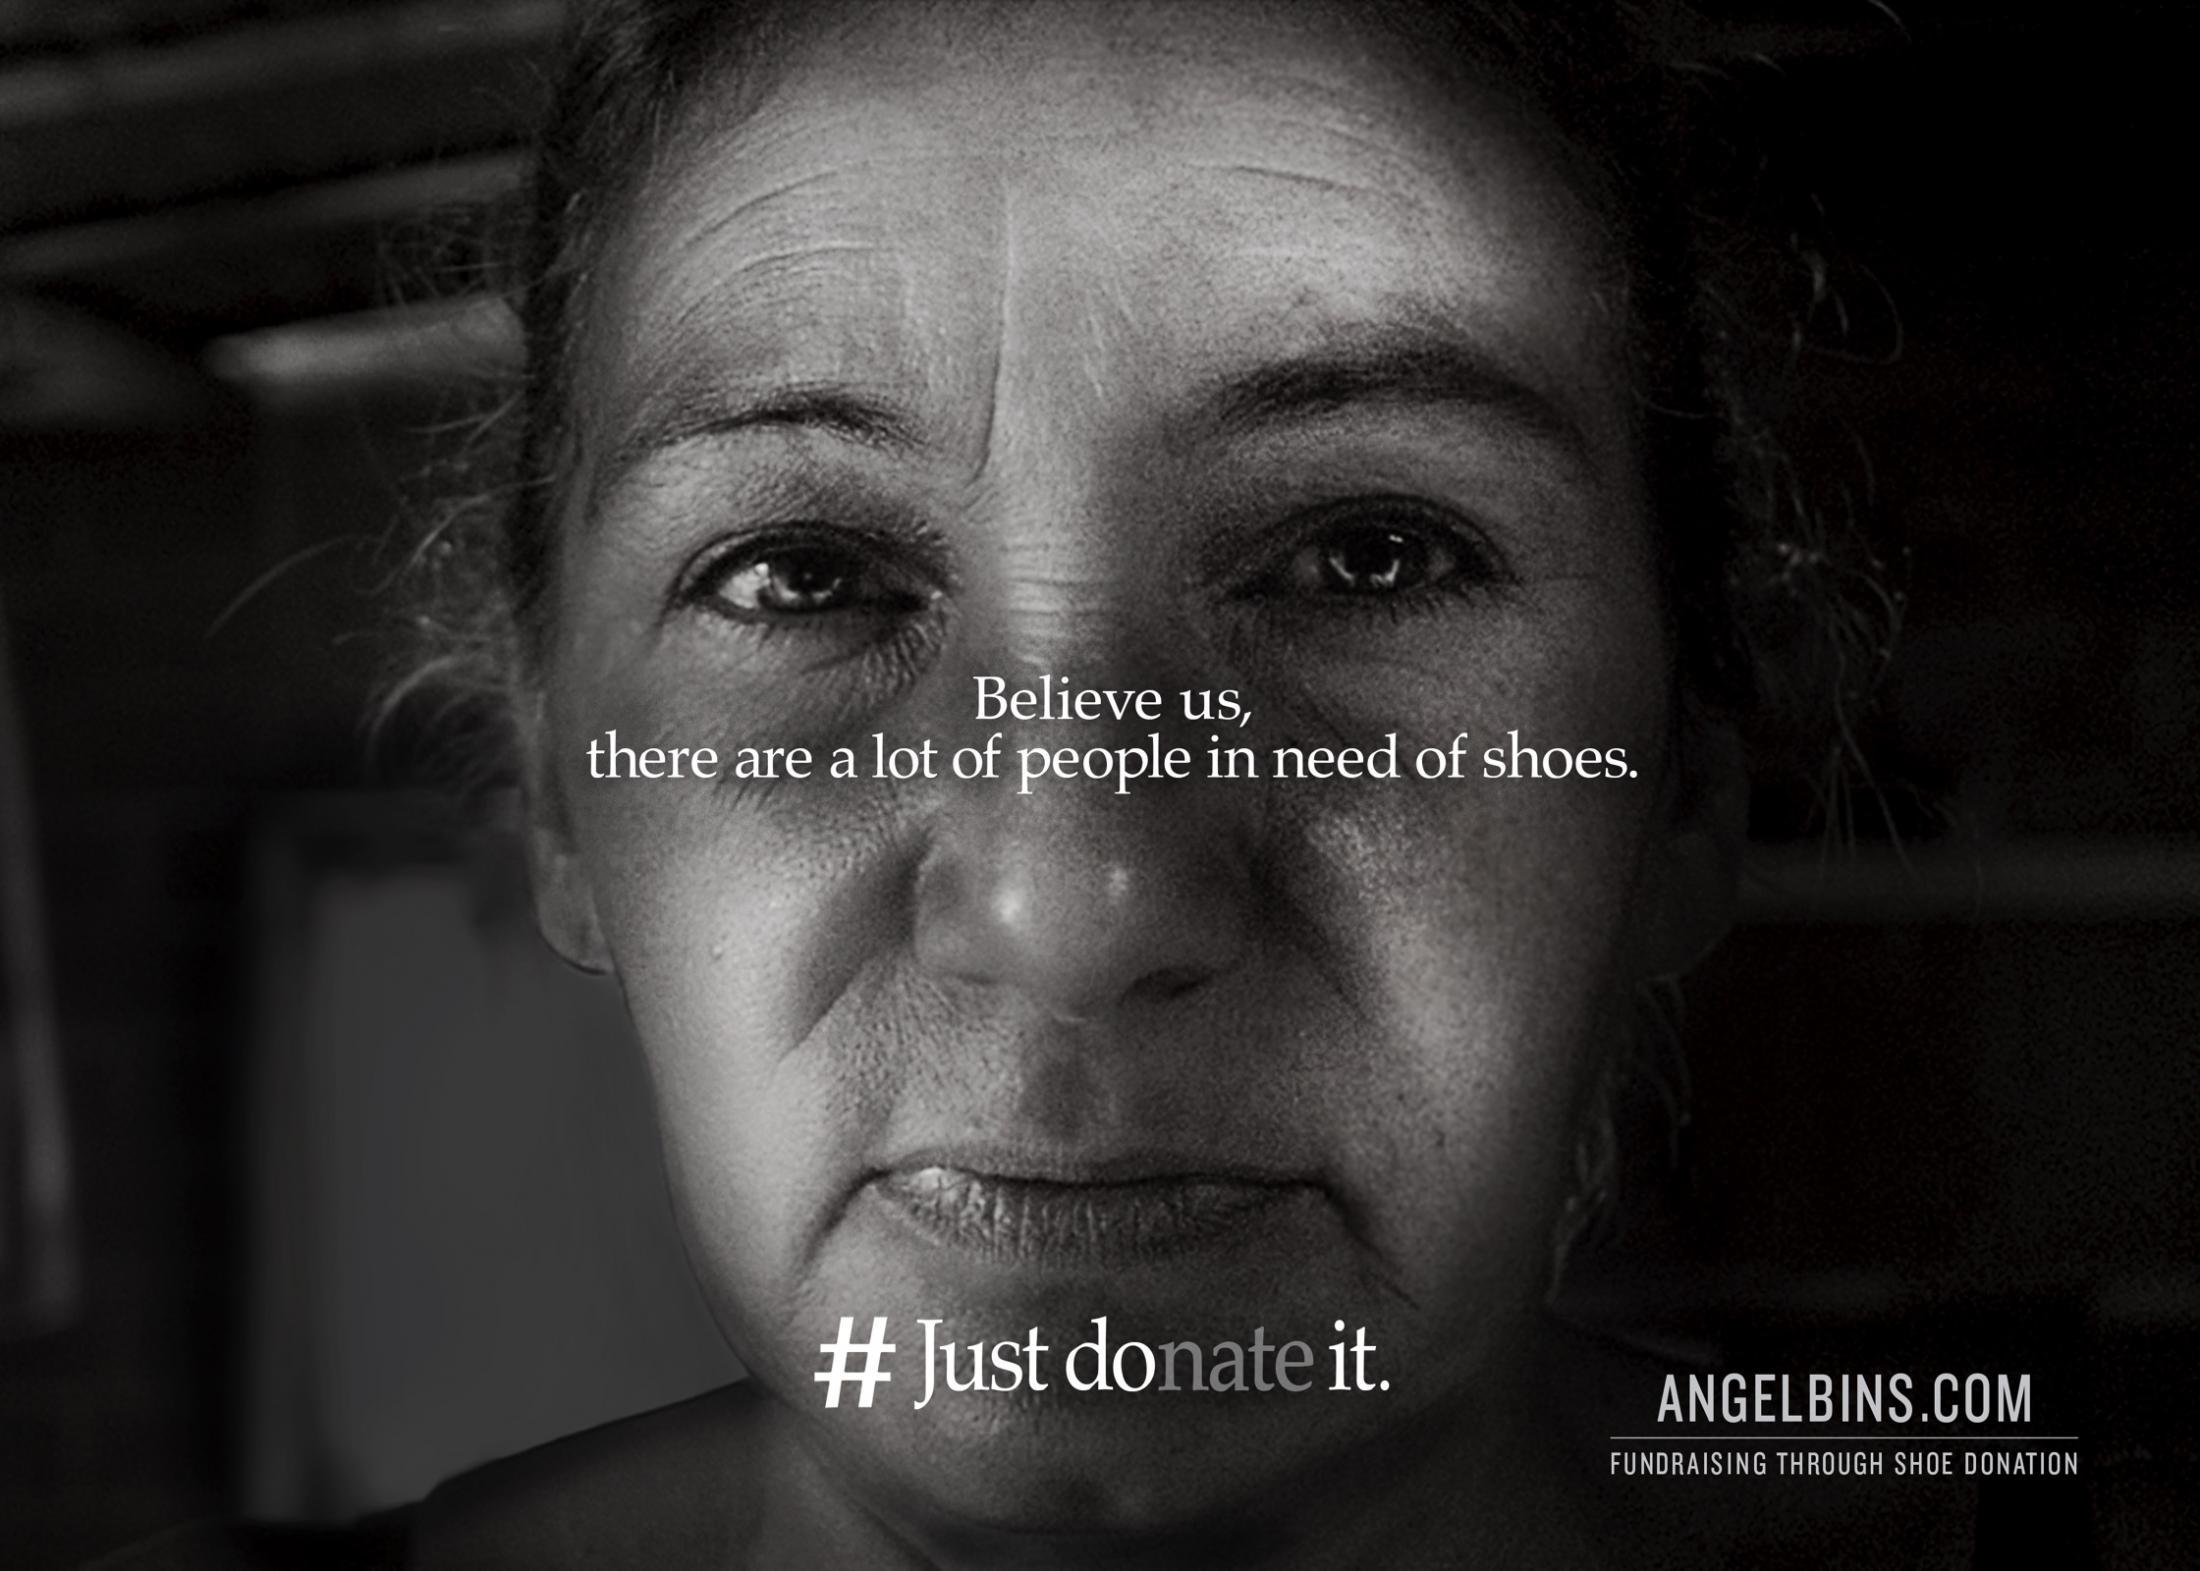 Angel Bins Print Ad - #Just Donate It, 2